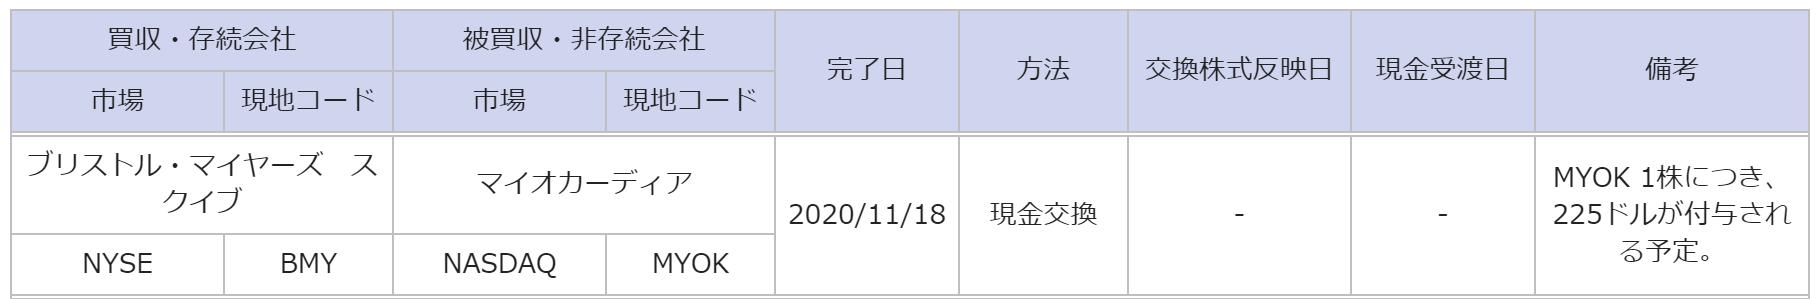 株価 ブリストル マイヤーズ